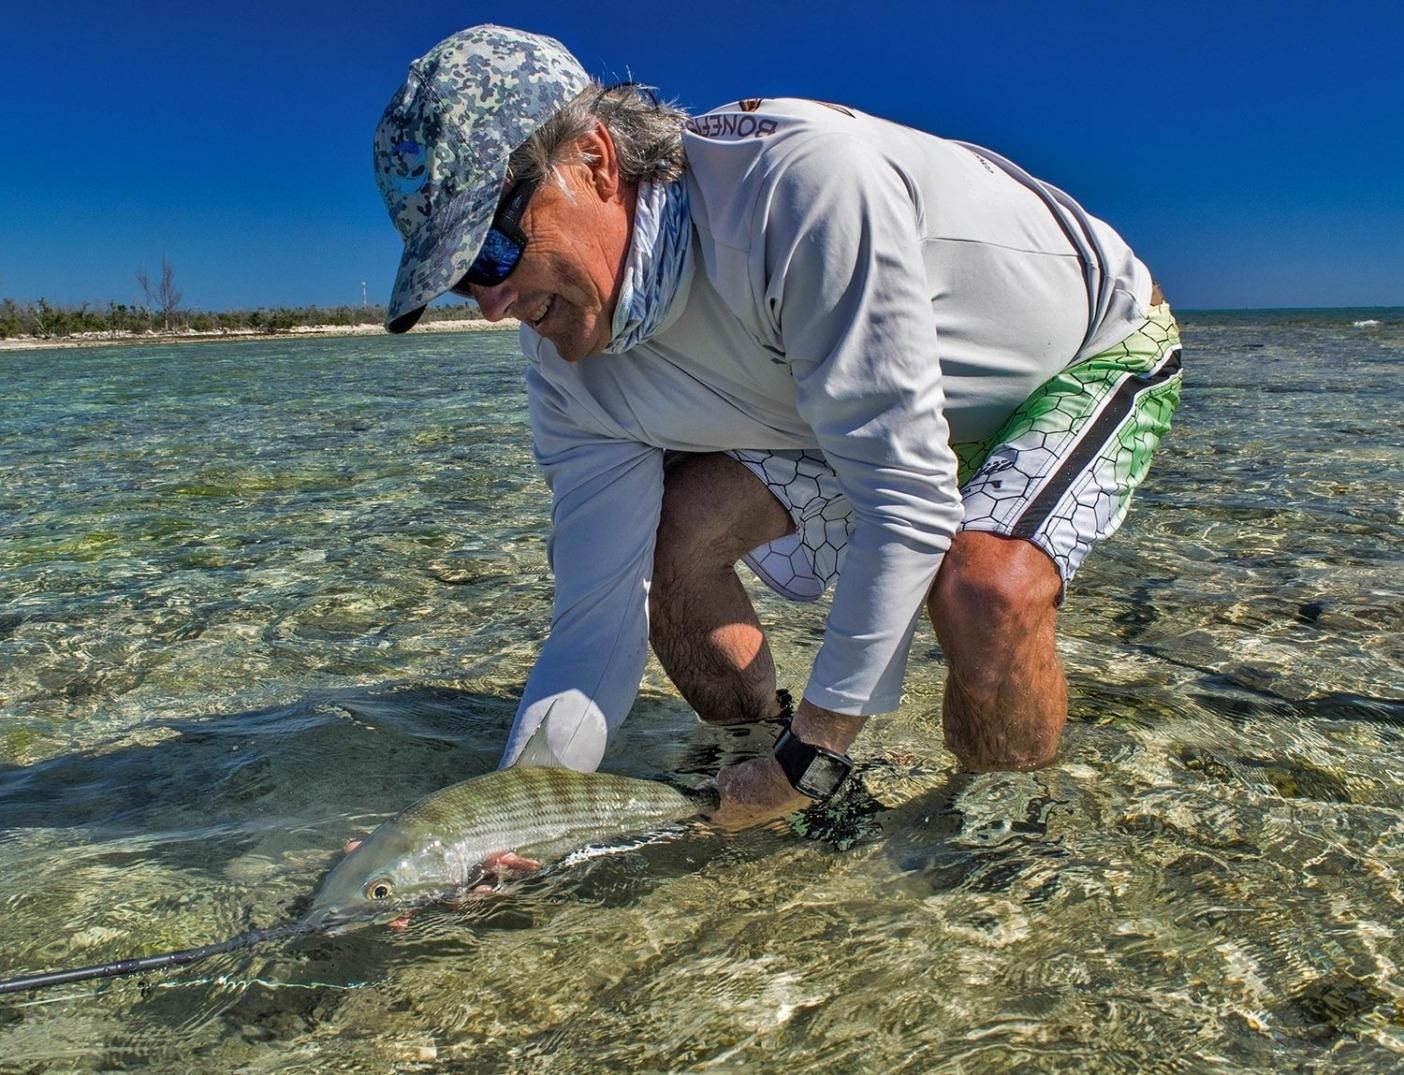 浅瀬のグレーゴーストでボーンフィッシュをリリースするアーロン・アダムズ博士。グランド バハマ島。Photo: Justin Lewis